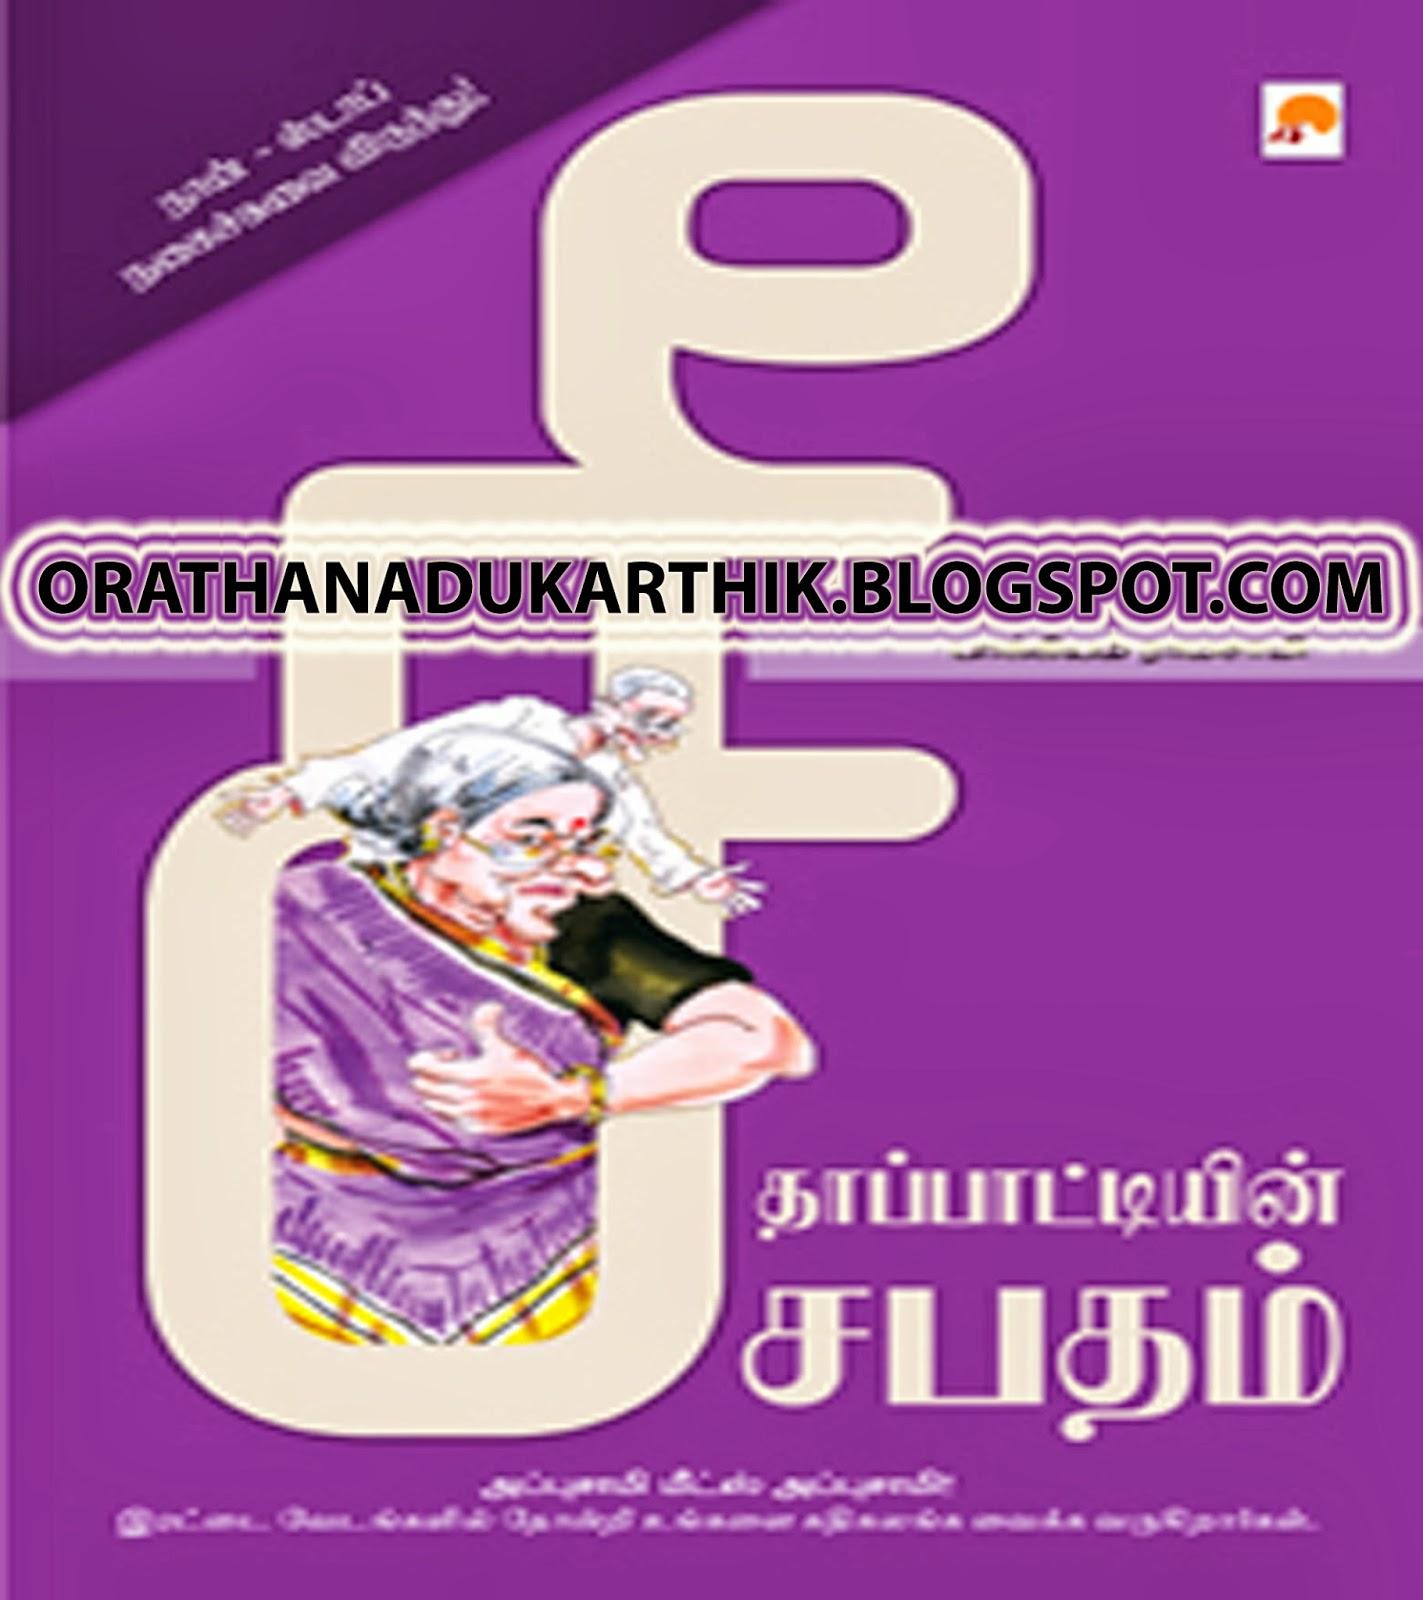 சீதாப்பாட்டியின் சபதம் -காமெடி கலாட்டா Seethapatti